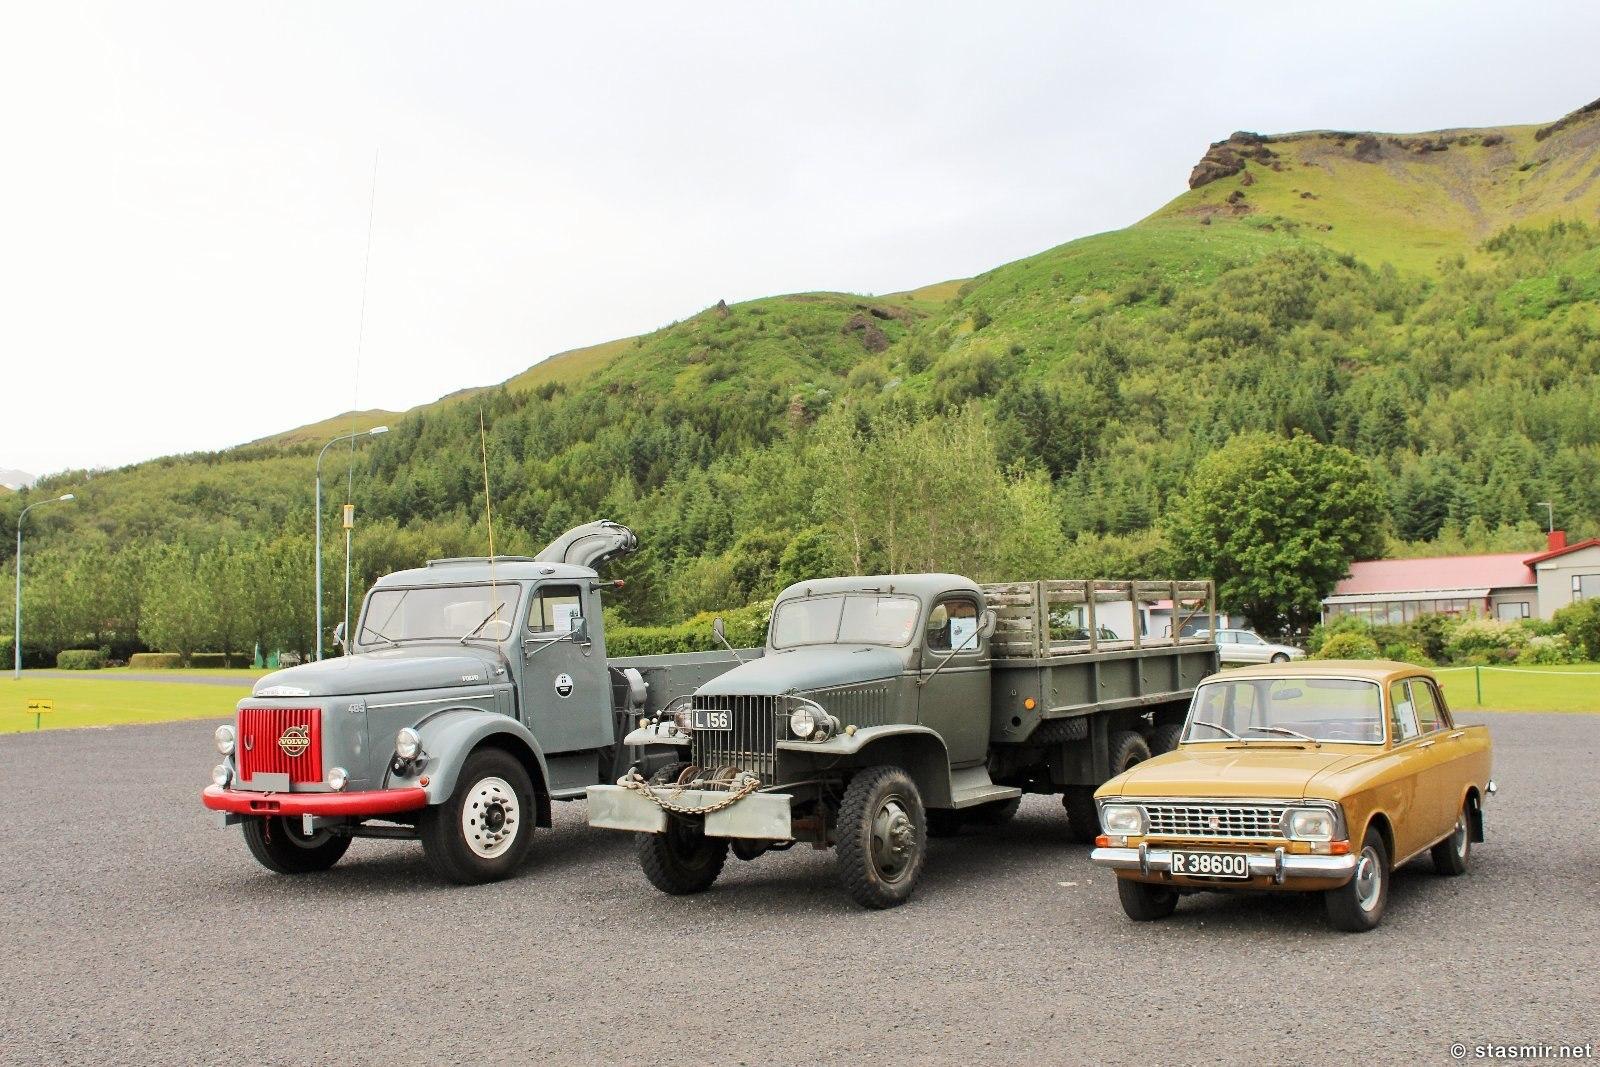 Москвич, Волво, Студебекер в музее Скоугар, Южная Исландия, Фото Стасмир, Photo Stasmir